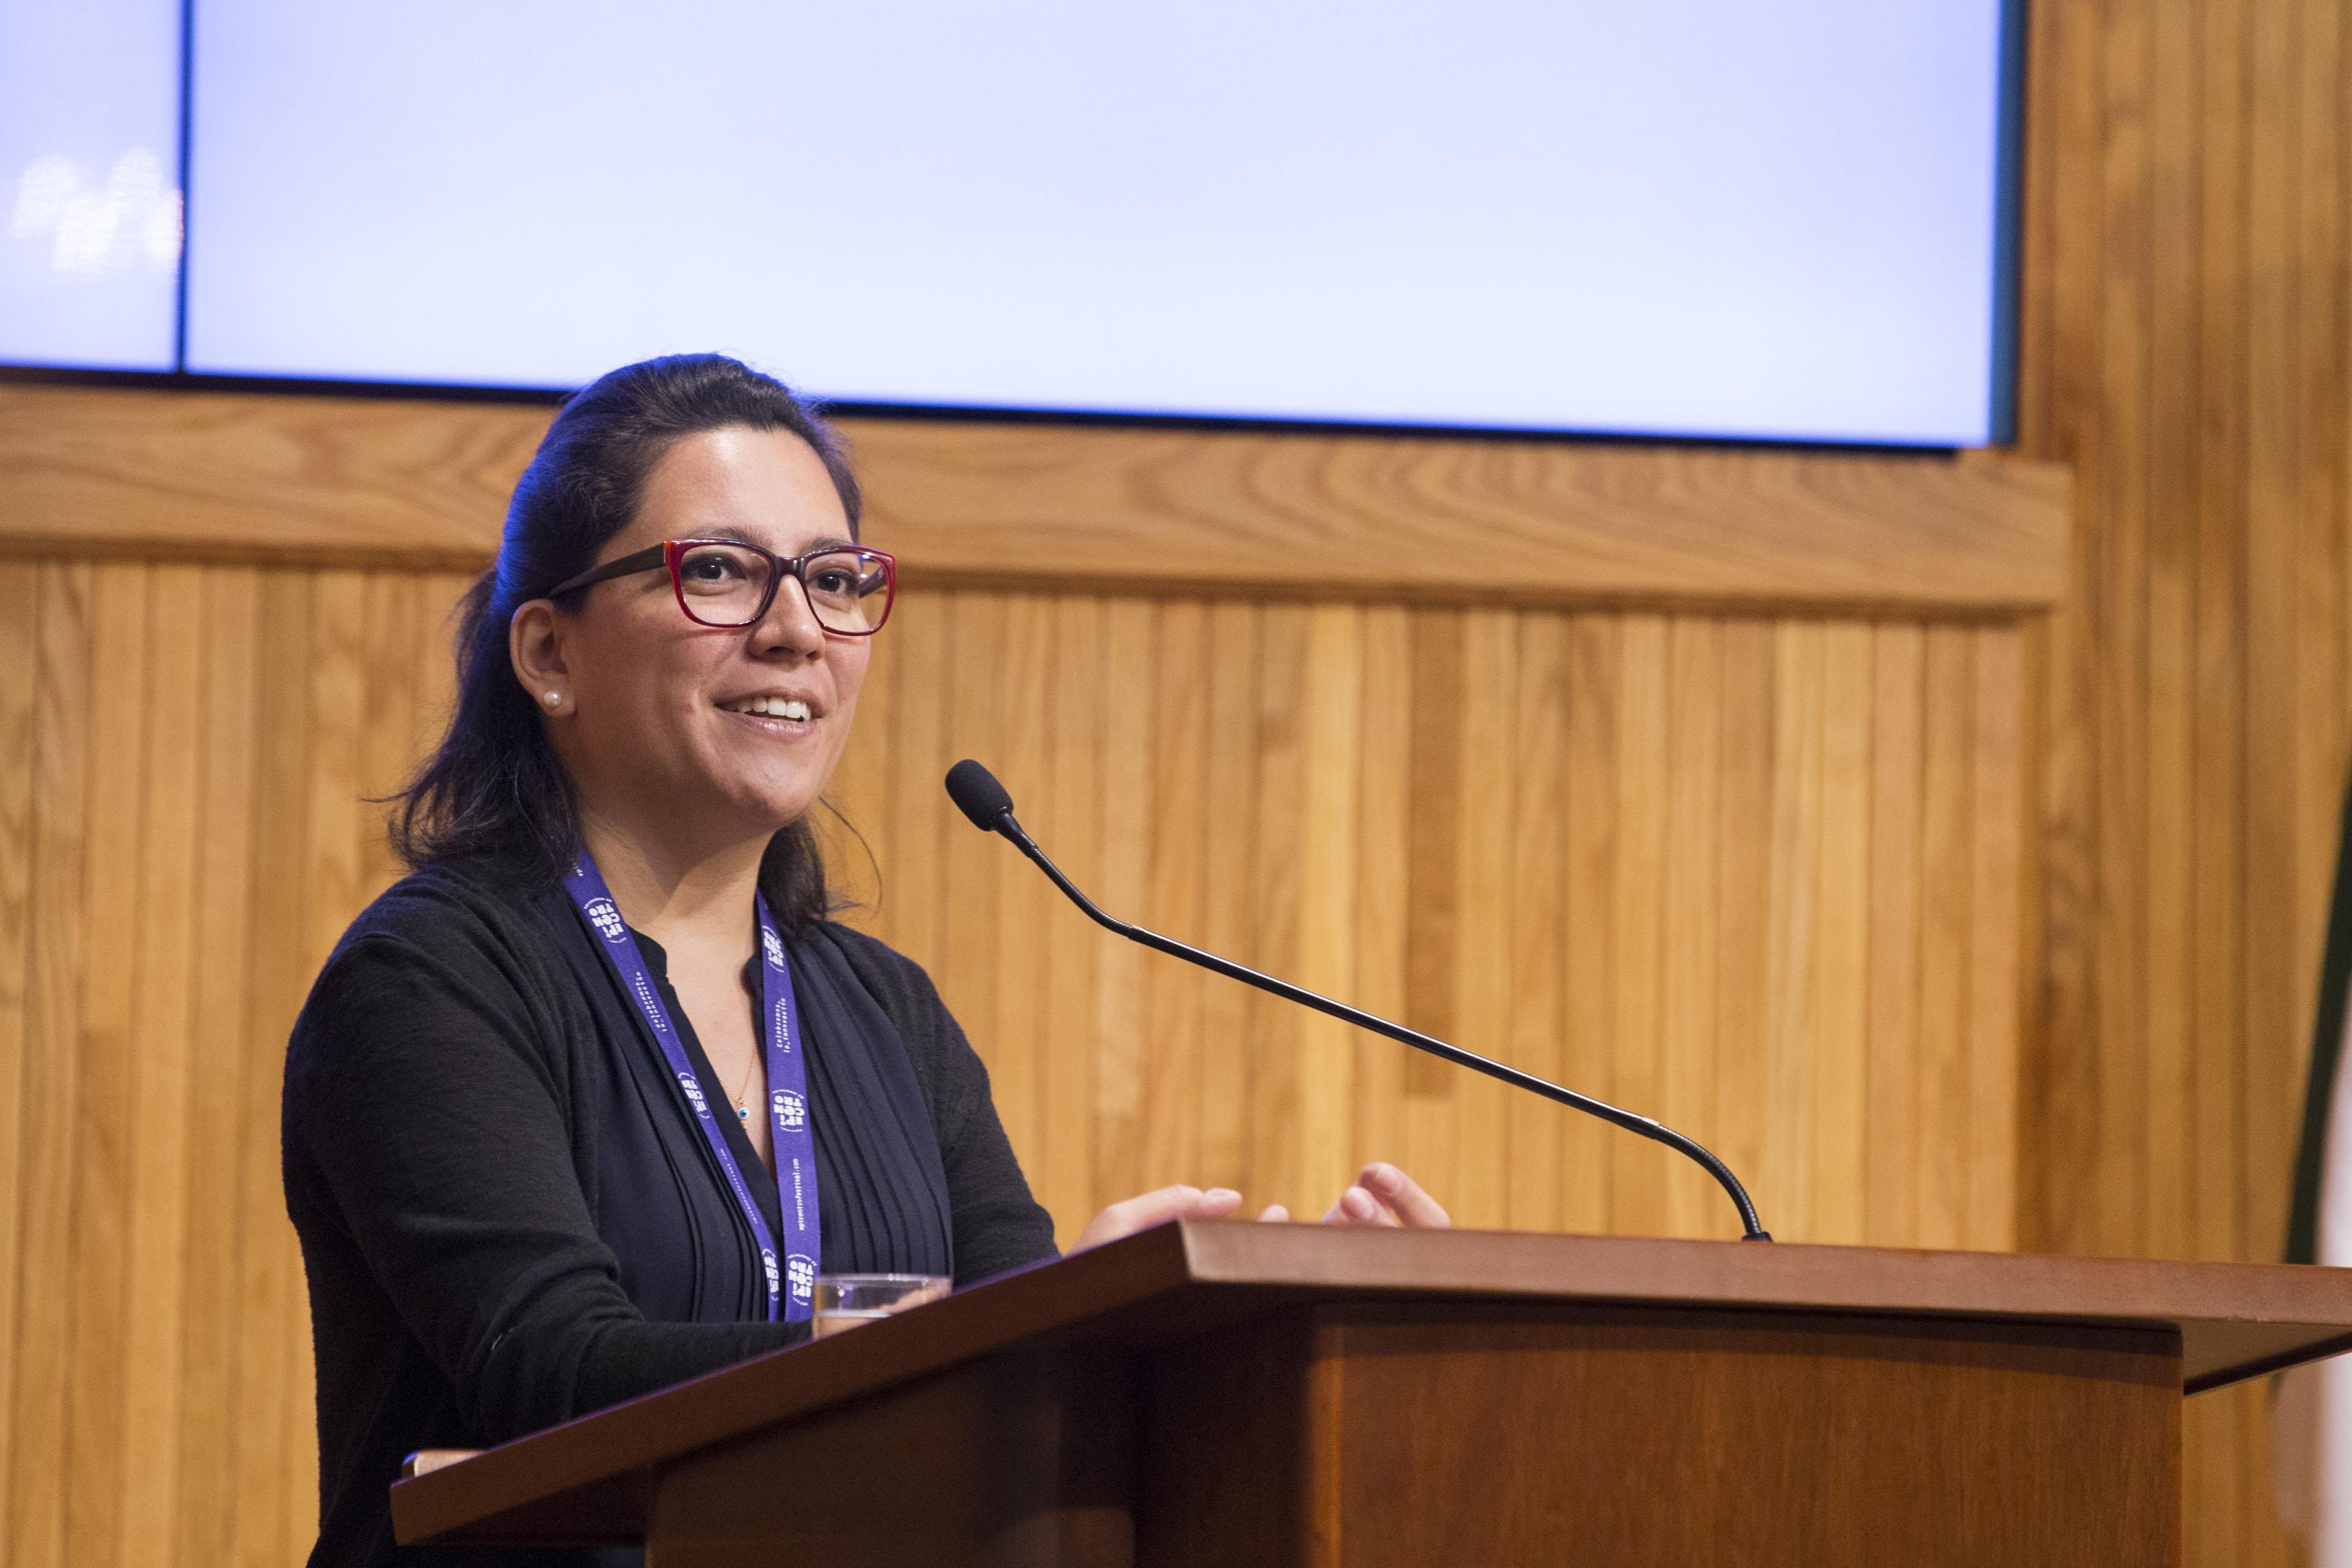 Panelista haciendo uso de la palabra en la inauguración del III Encuentro Latinoamericano de Innovación Social desde el Sector Público (ELIS) 2017, en el Paraninfo Enrique Díaz de León de la UdeG.